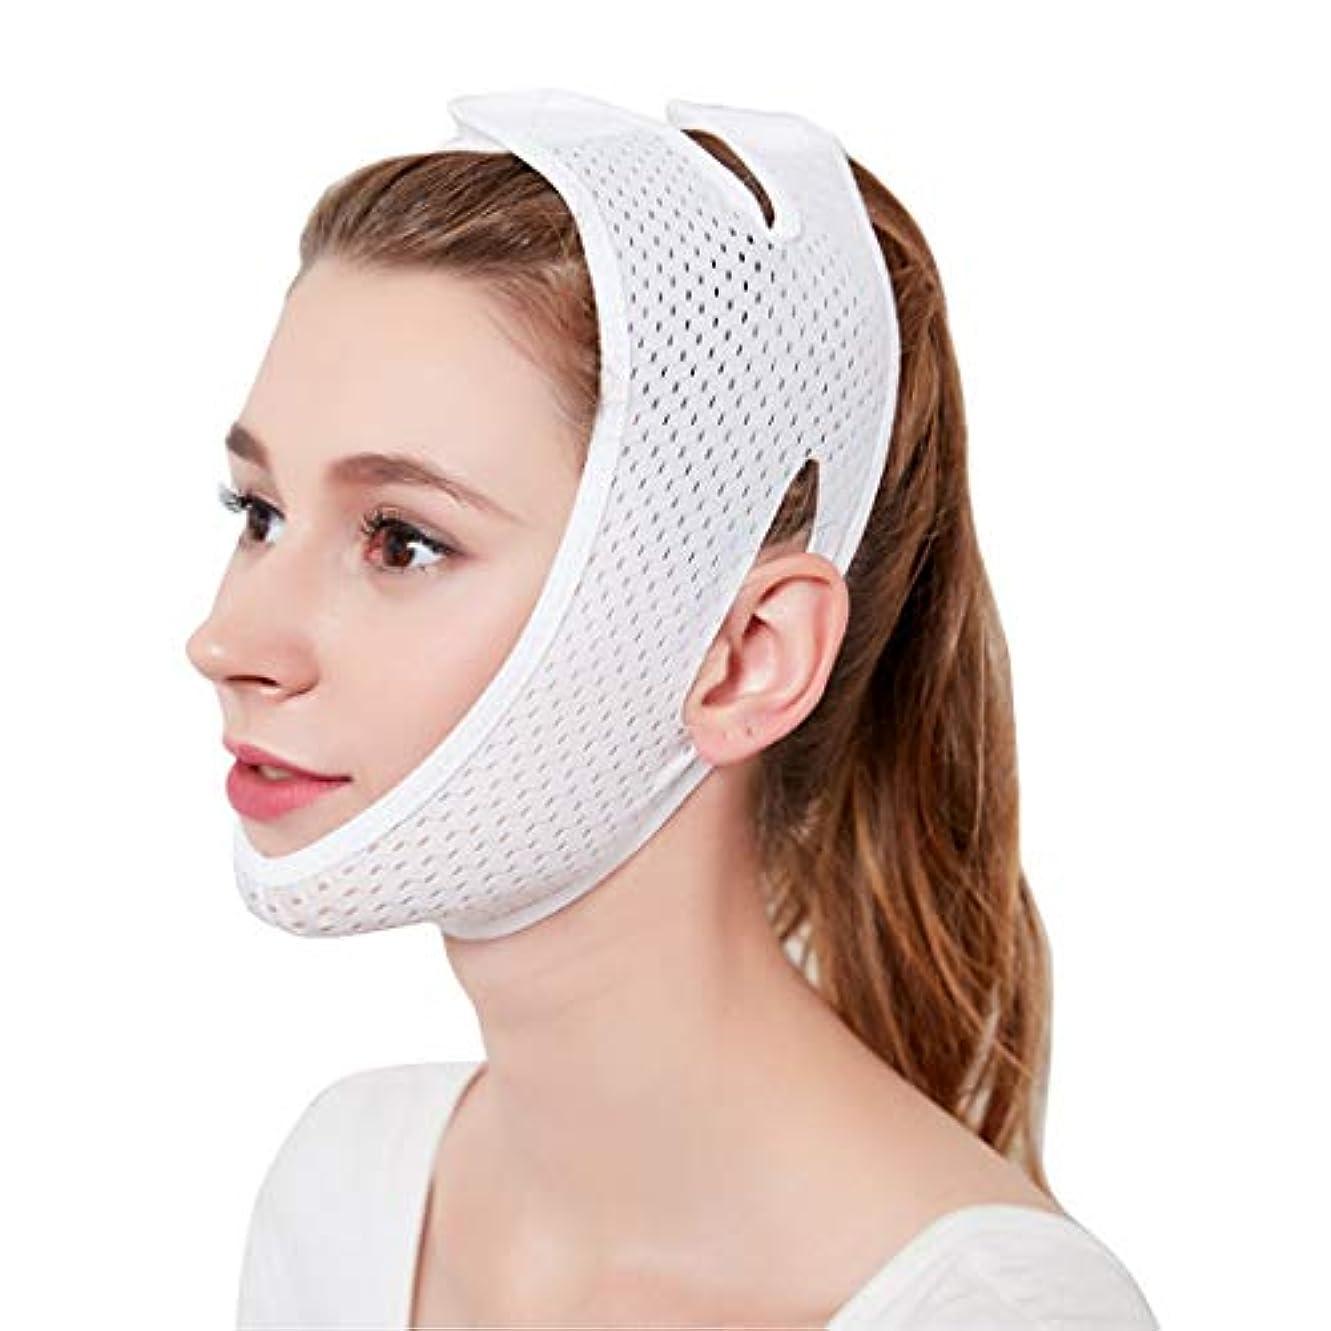 やりがいのあるフェードアウトレタスZWBD フェイスマスク, 薄い顔包帯v顔の薄い咬筋の筋肉通気性の薄い顔咬筋の筋肉Vフェイスマスクダブルあごリフトあご